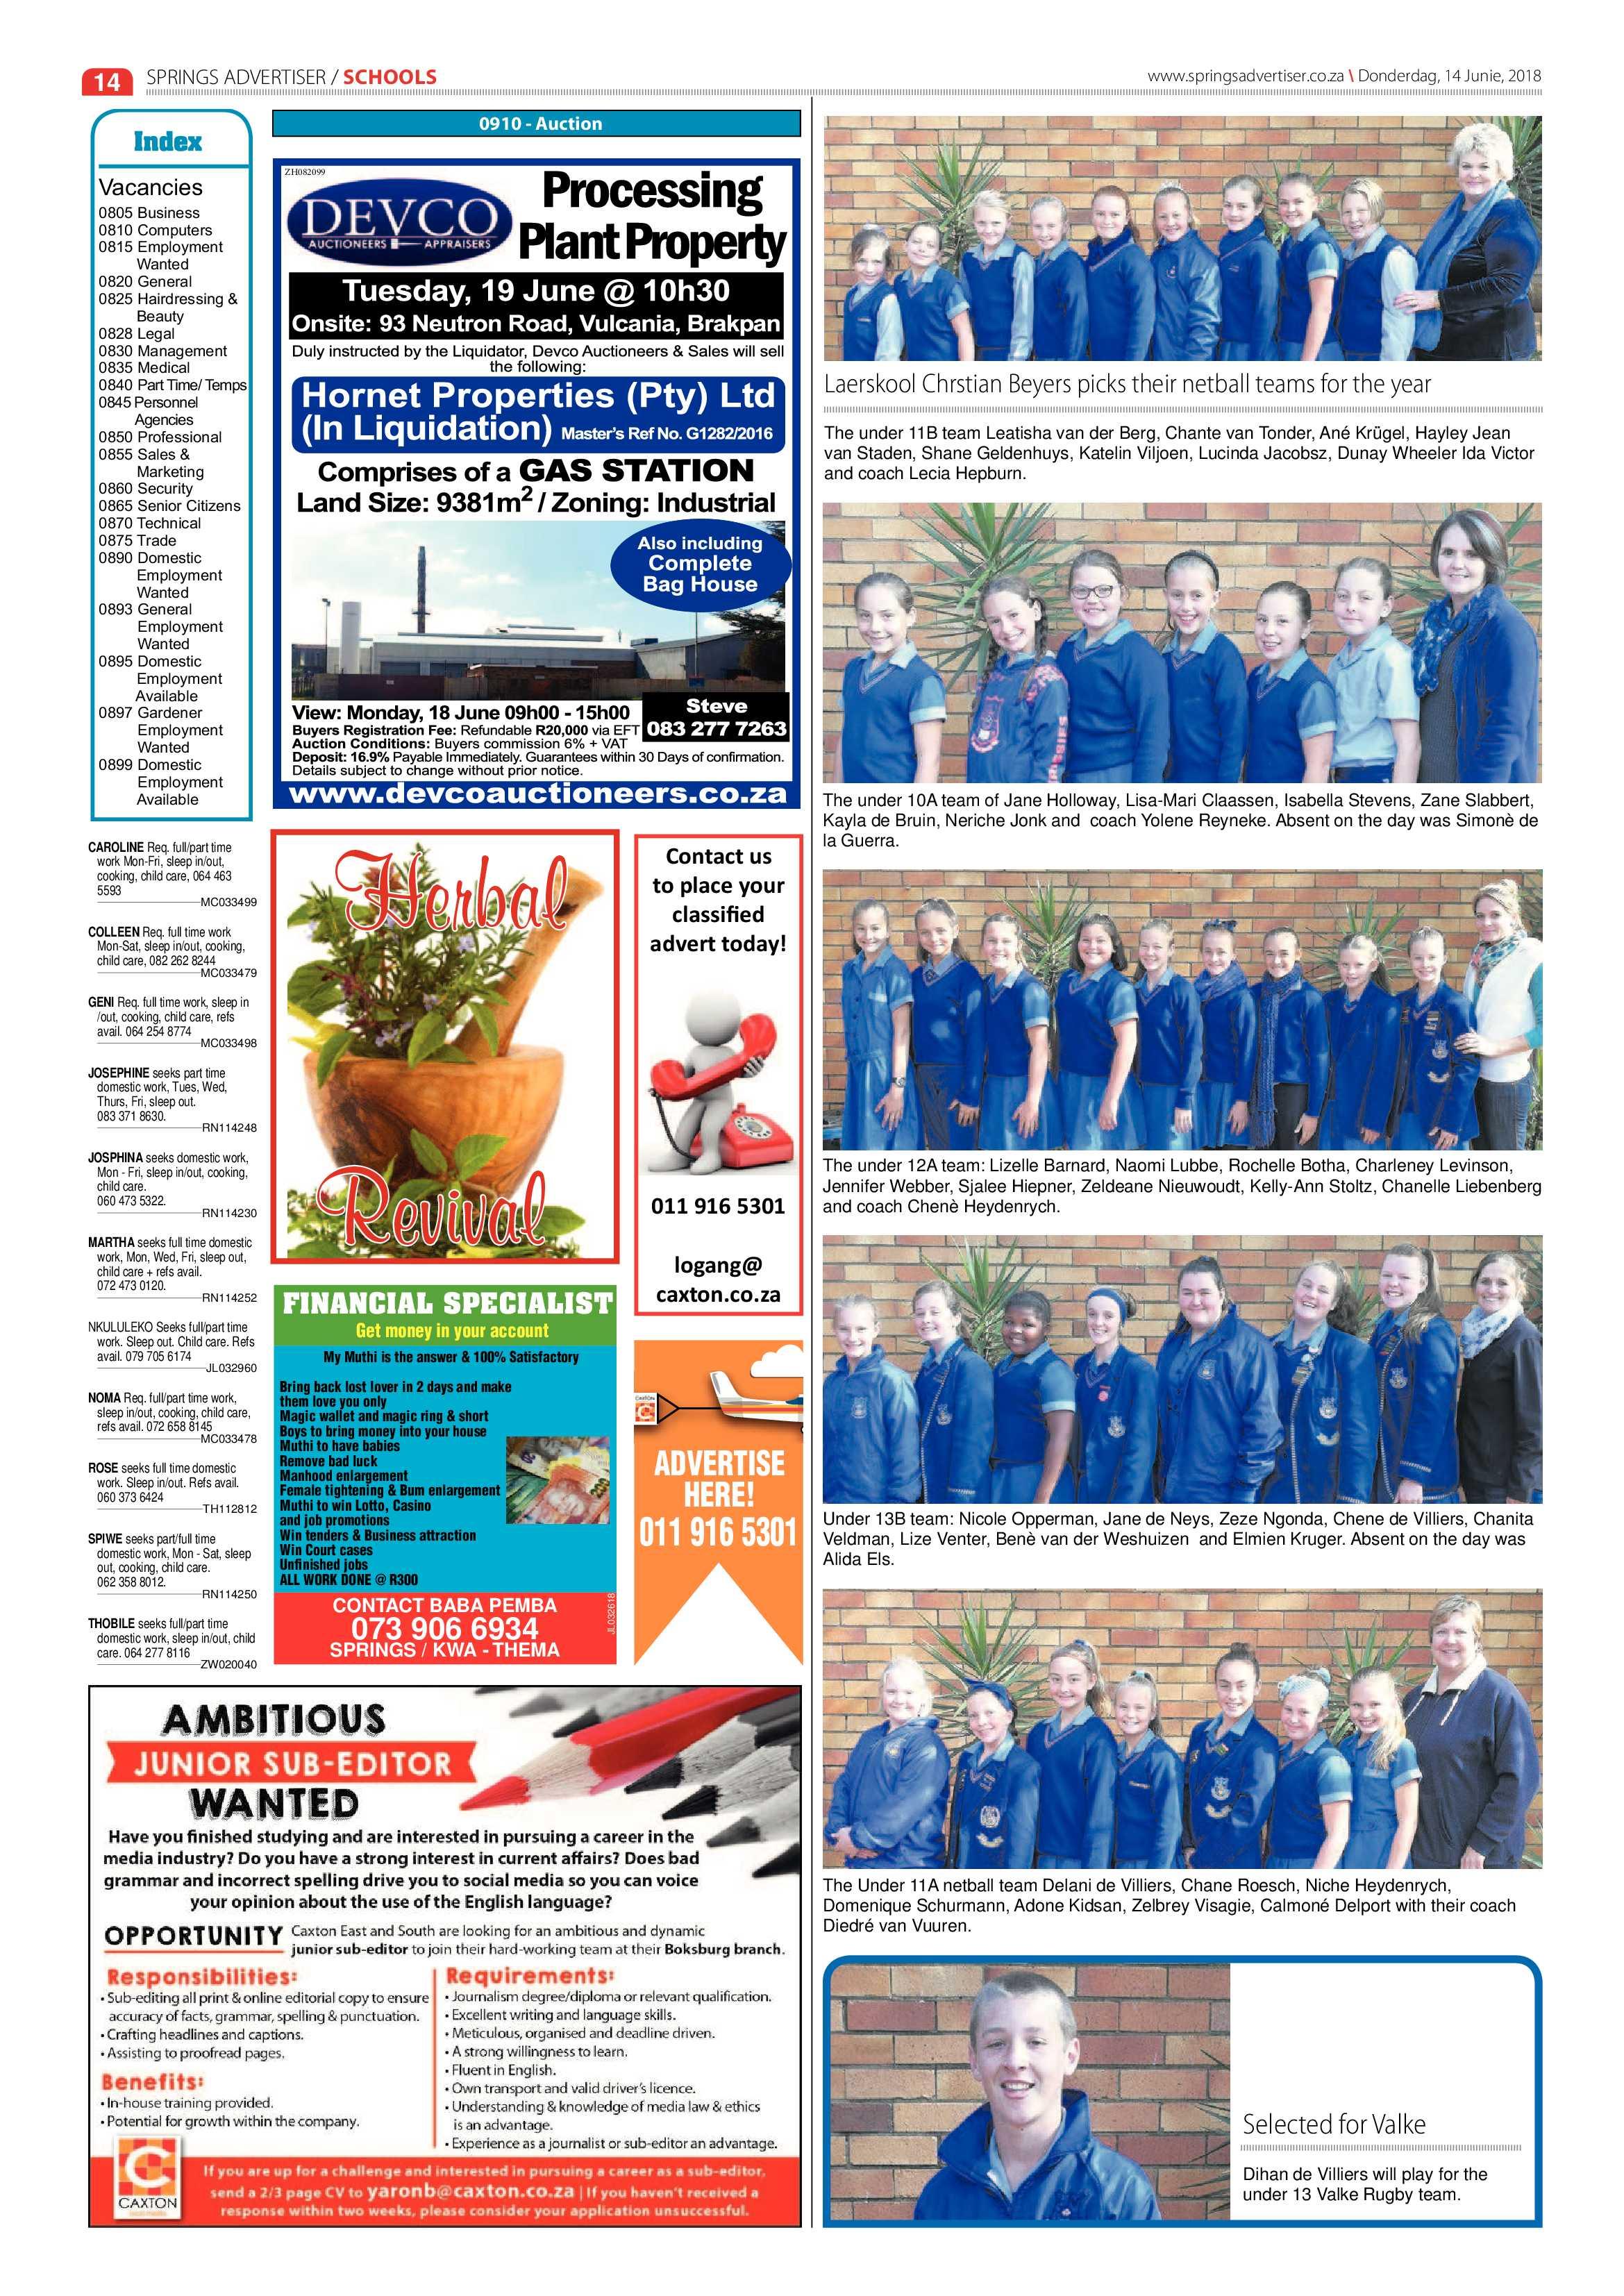 Springs Advertiser 14 June 2014 | Springs Advertiser